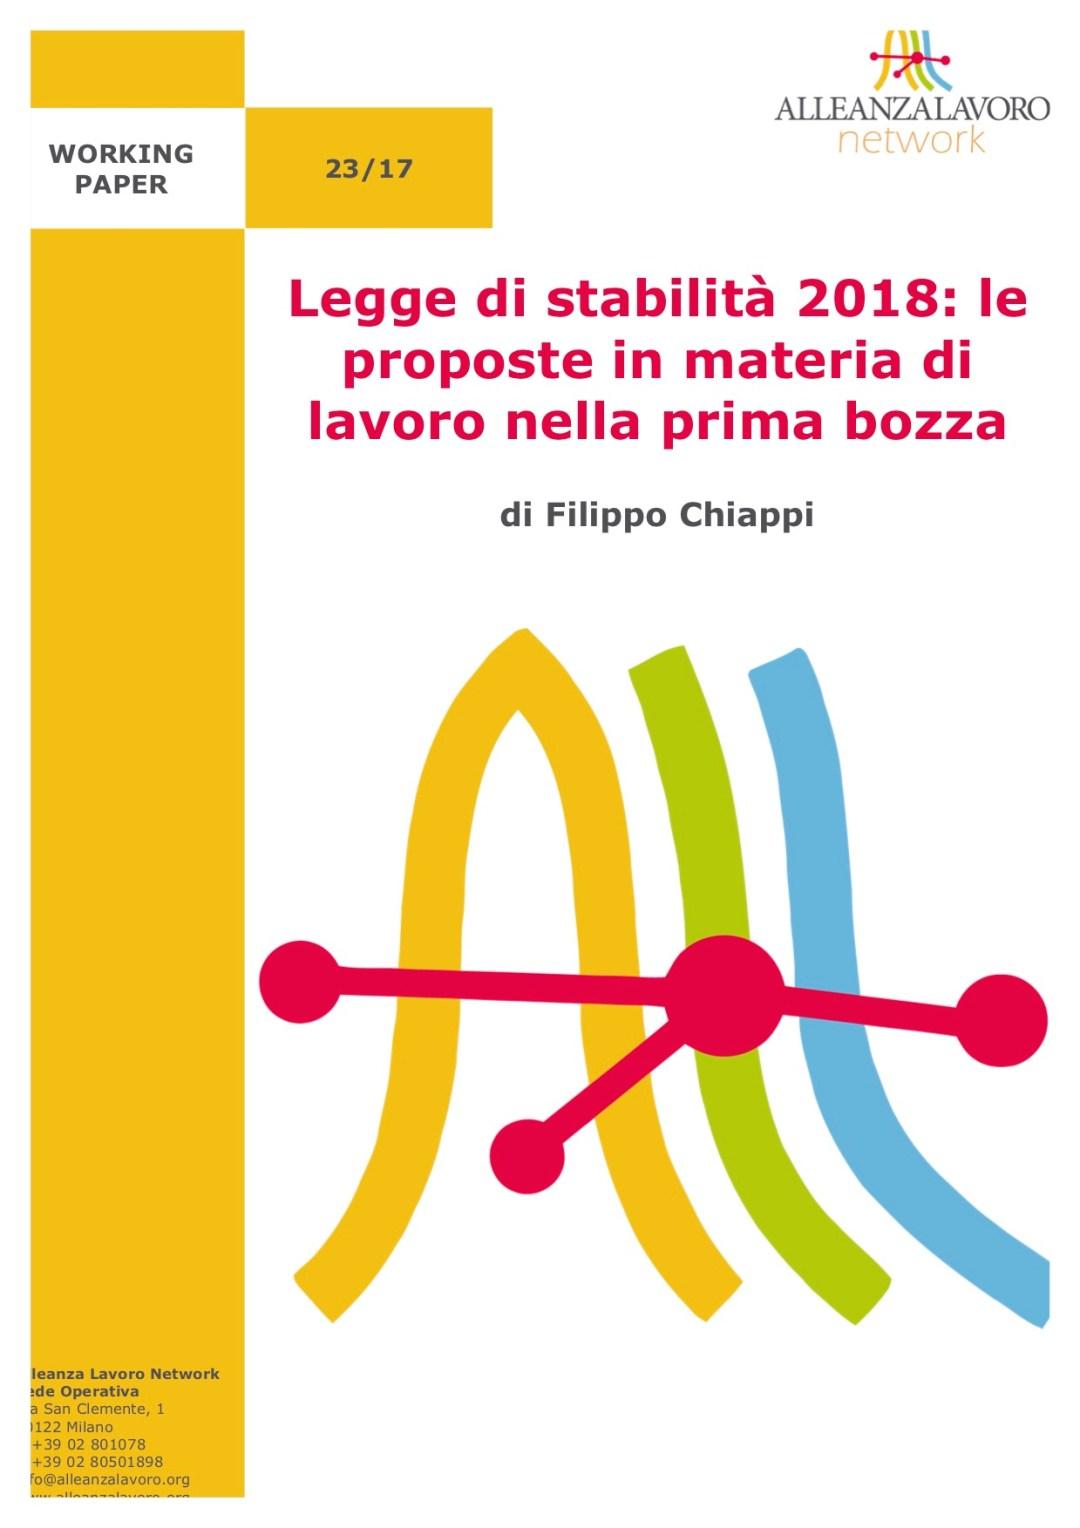 Working Paper: Legge di stabilità 2018: le proposte in materia di lavoro nella prima bozza